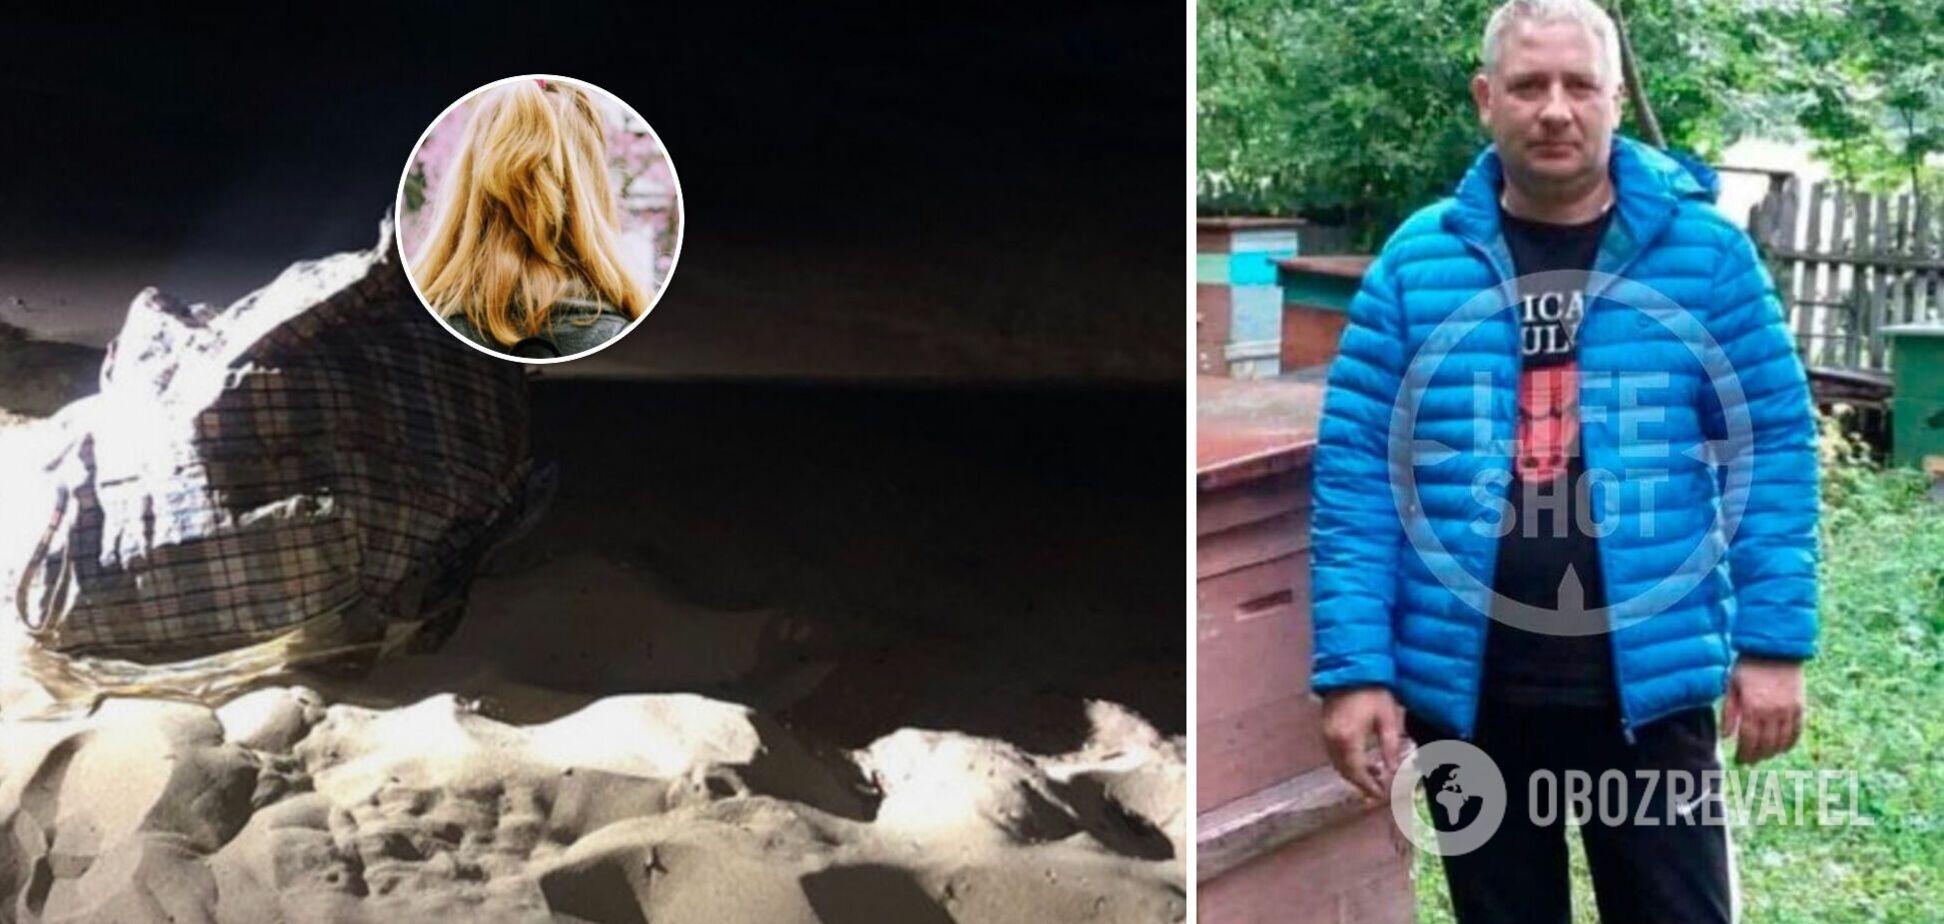 В России полицейский убил 15-летнюю школьницу: их не раз видели вместе, фото